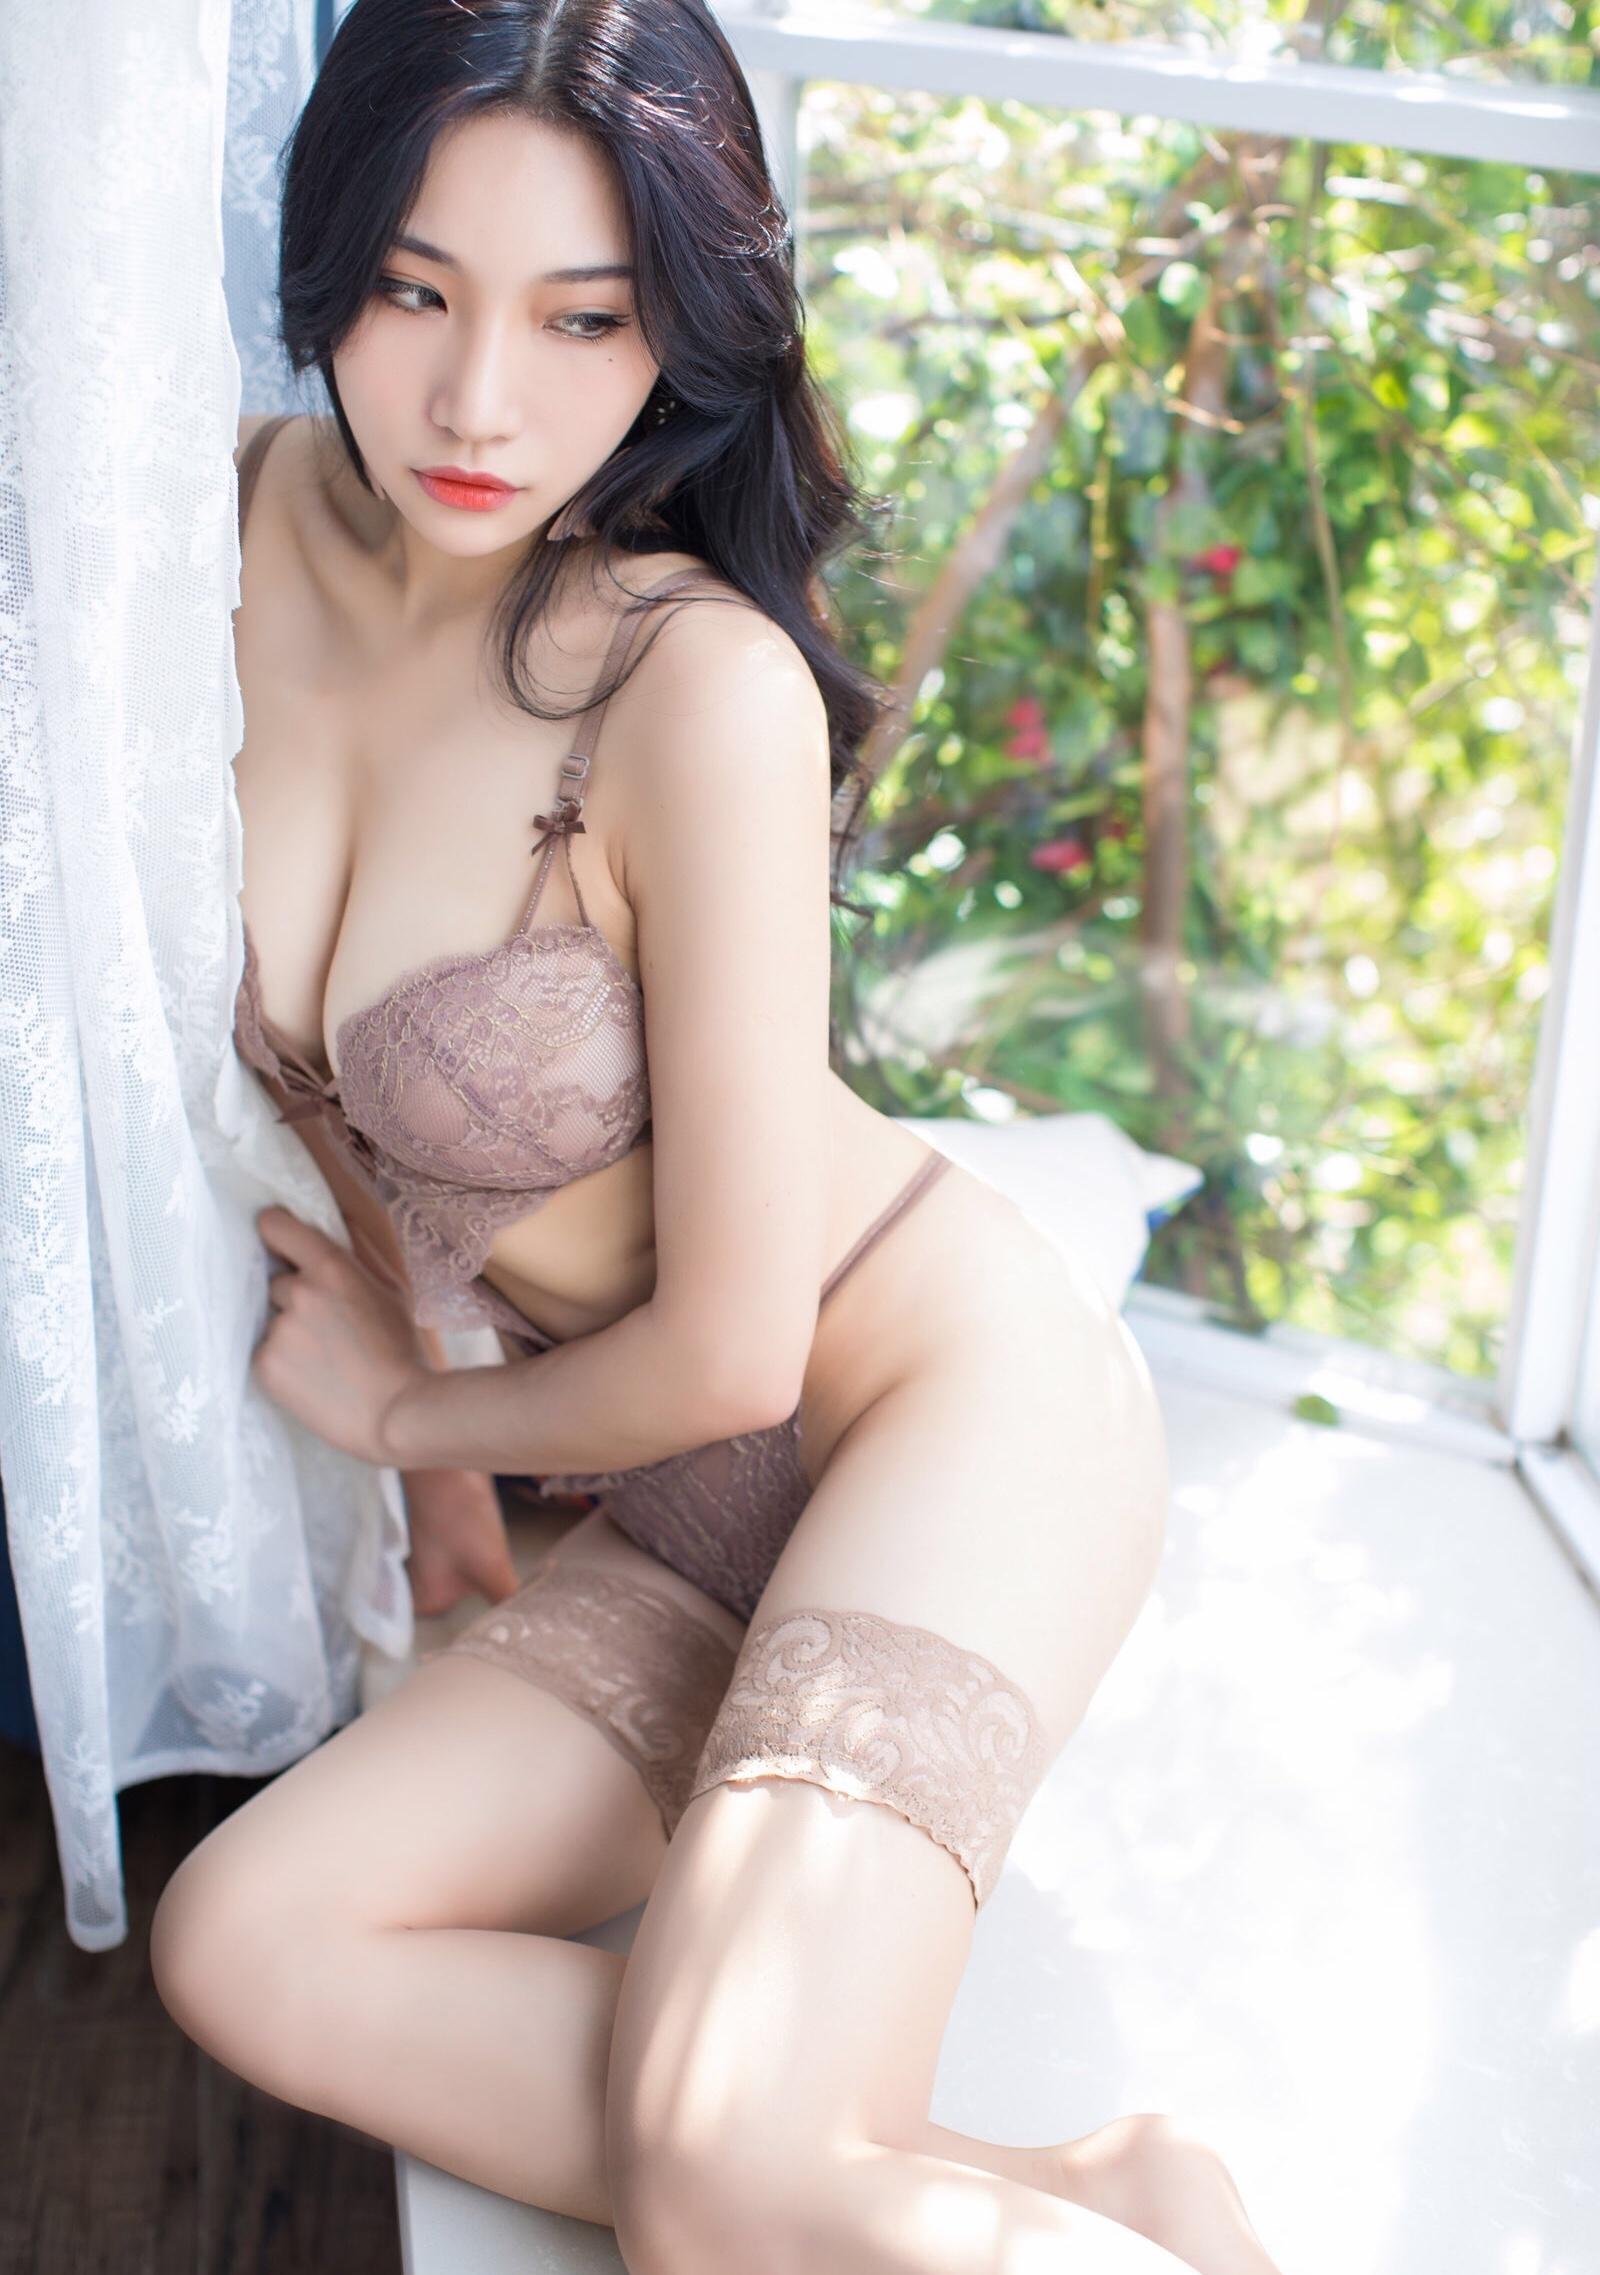 台湾美女ランジェリー美脚エロ画像-No.24-(36pics)